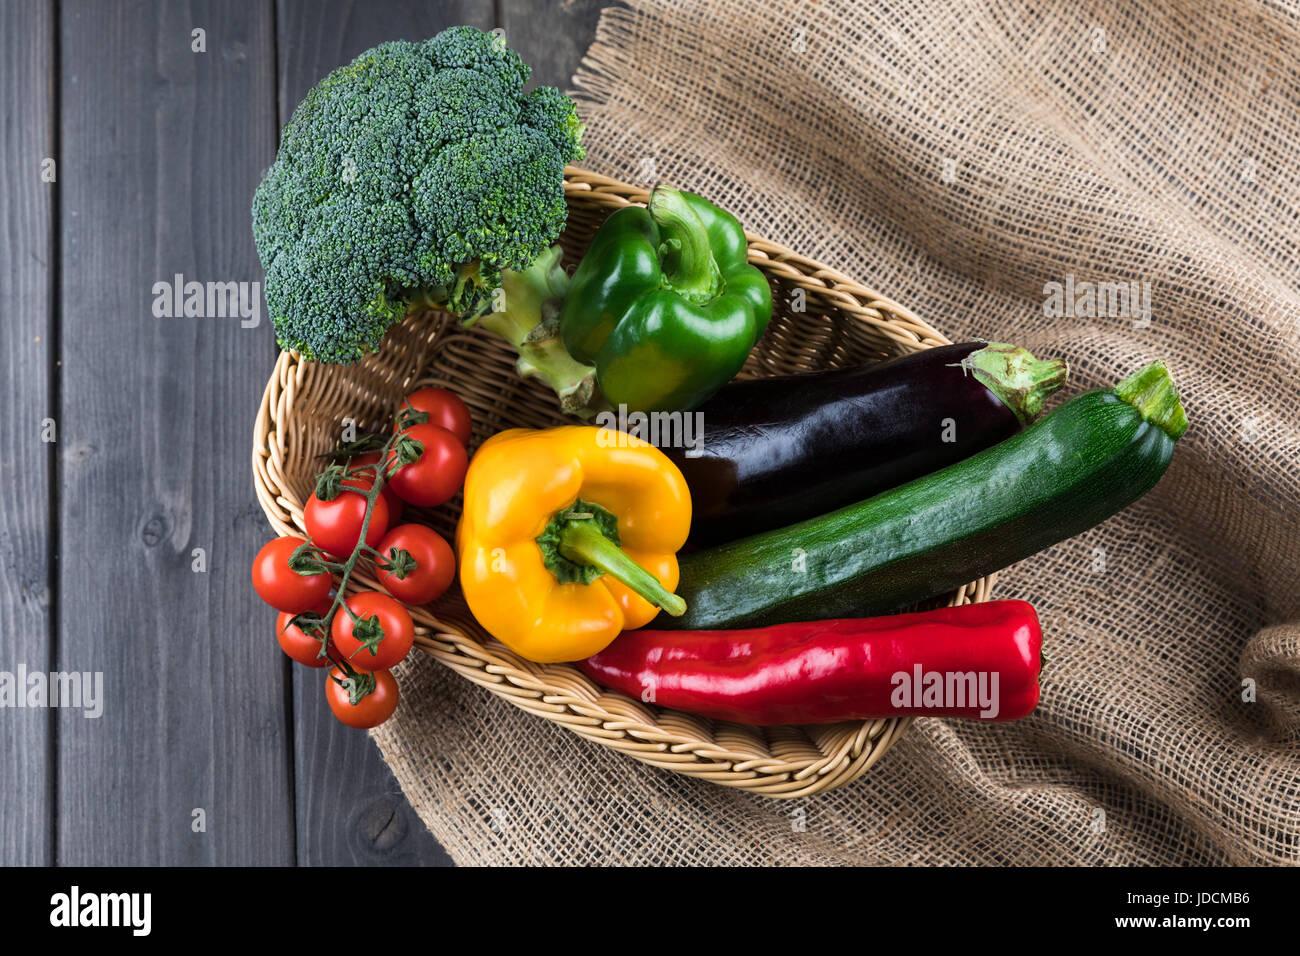 Vue de dessus de légumes frais de saison dans le panier sur la table rustique en bois Photo Stock